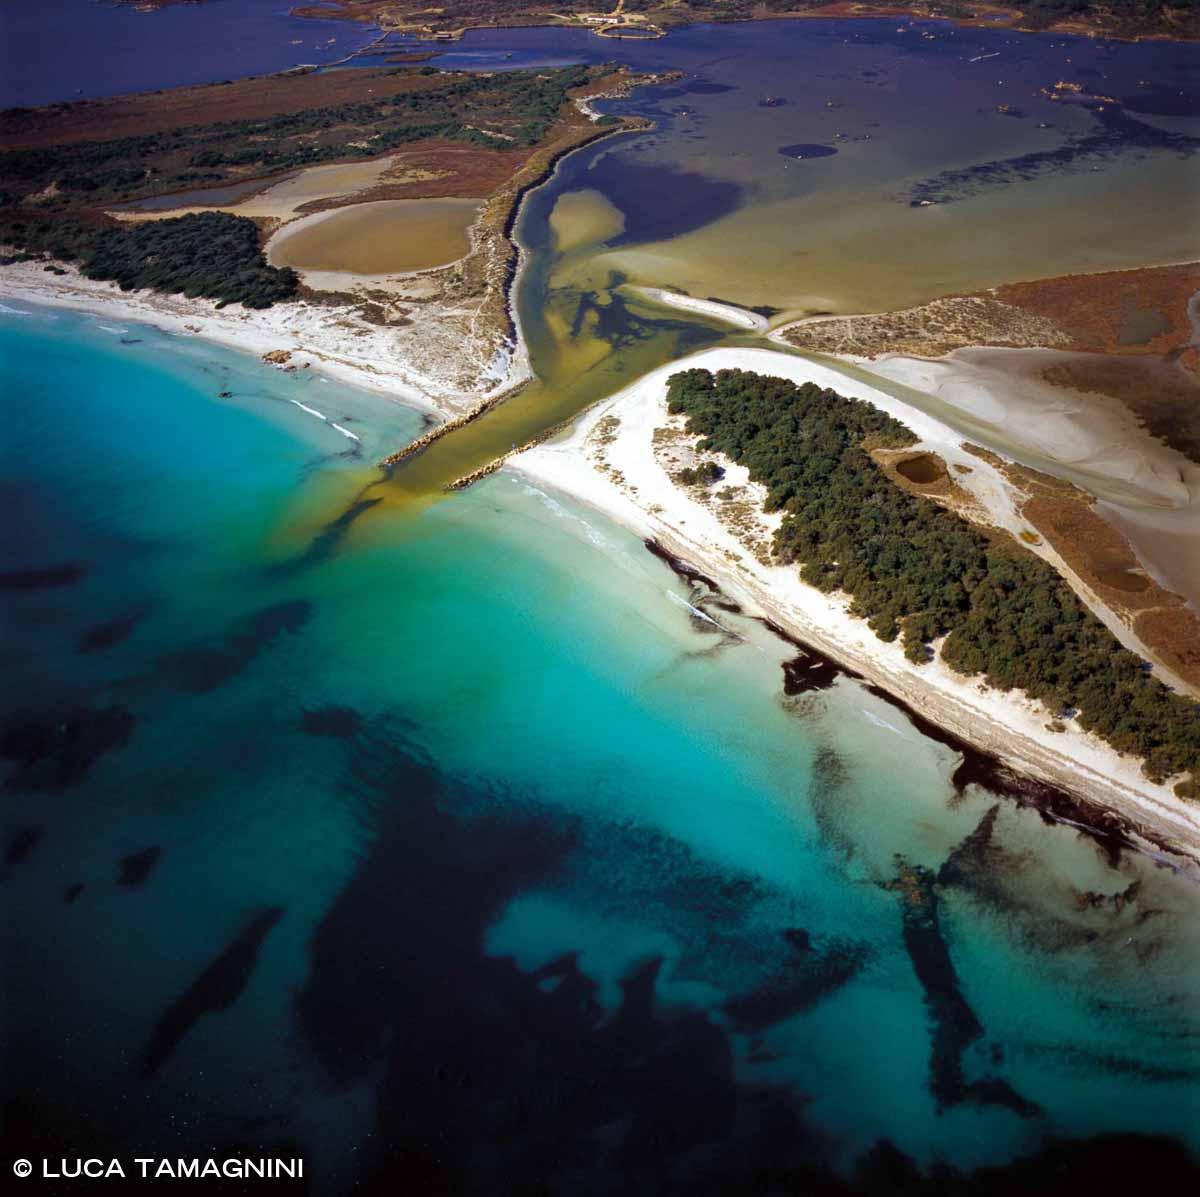 Sardegna, Stagno di San Teodoro, spiaggia La Cinta dal cielo (foto aerea)